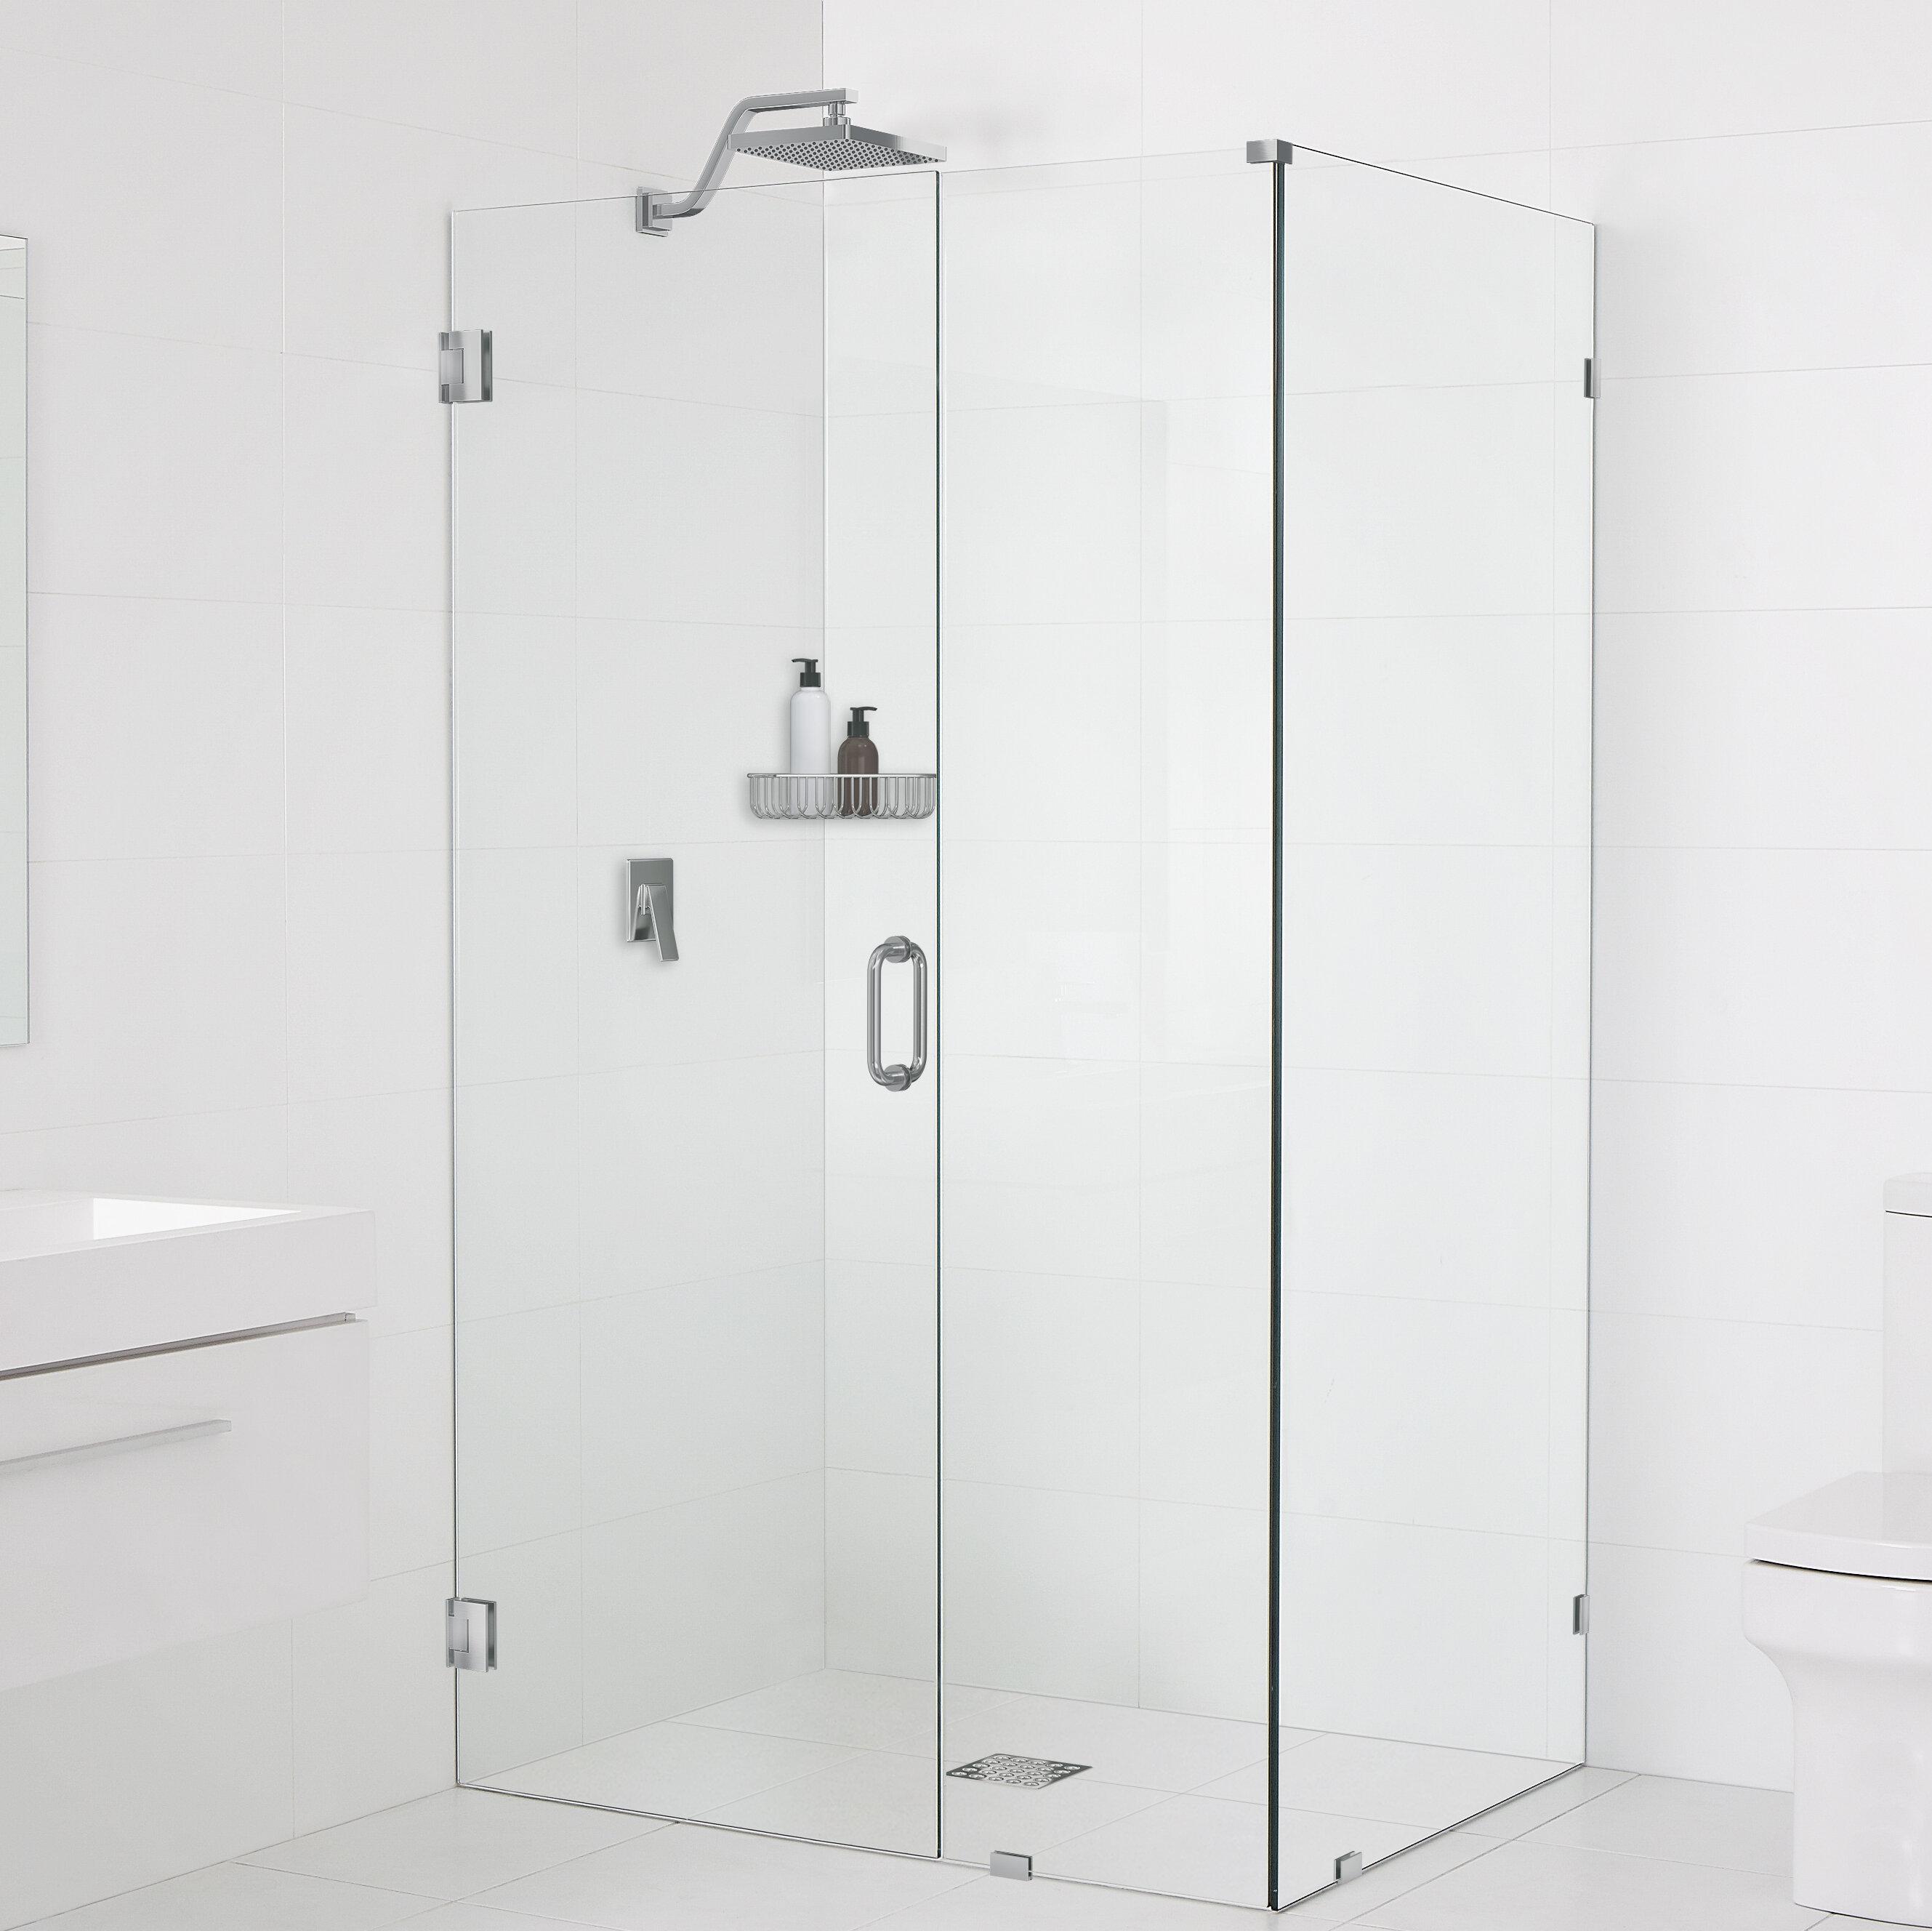 Glass Warehouse 46 5 X 78 Hinged Frameless Shower Door Wayfair